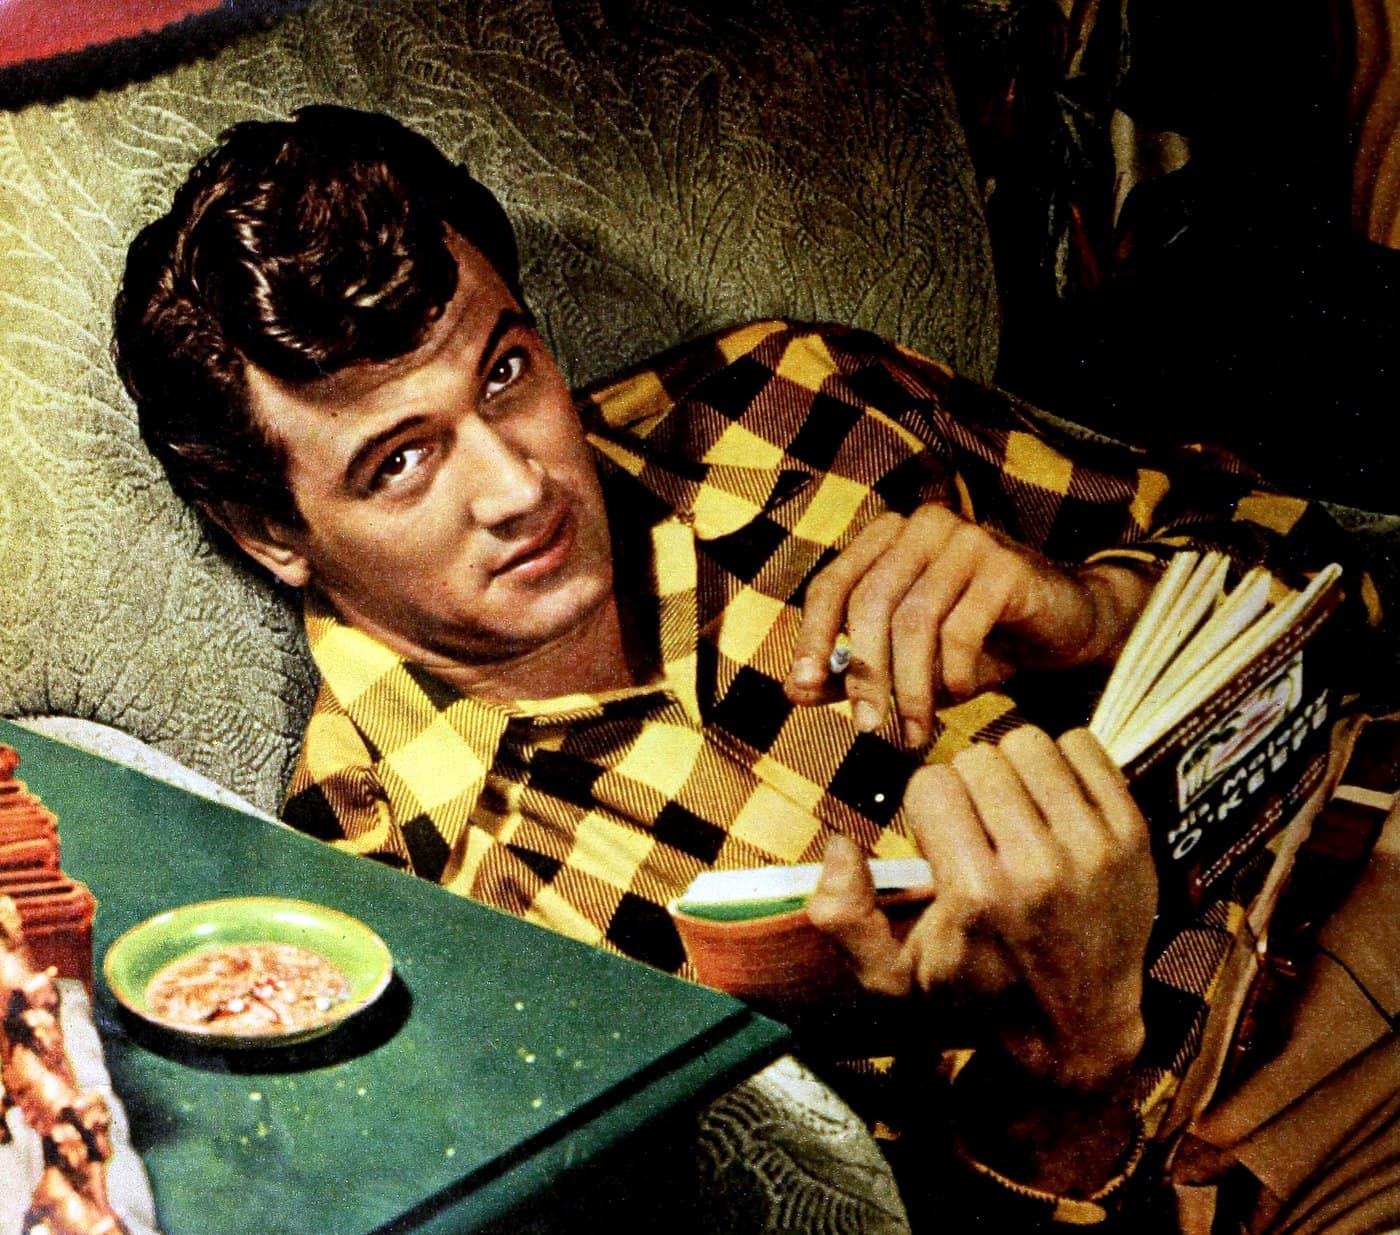 Vintage actor Rock Hudson - 1950s 1960s (4)